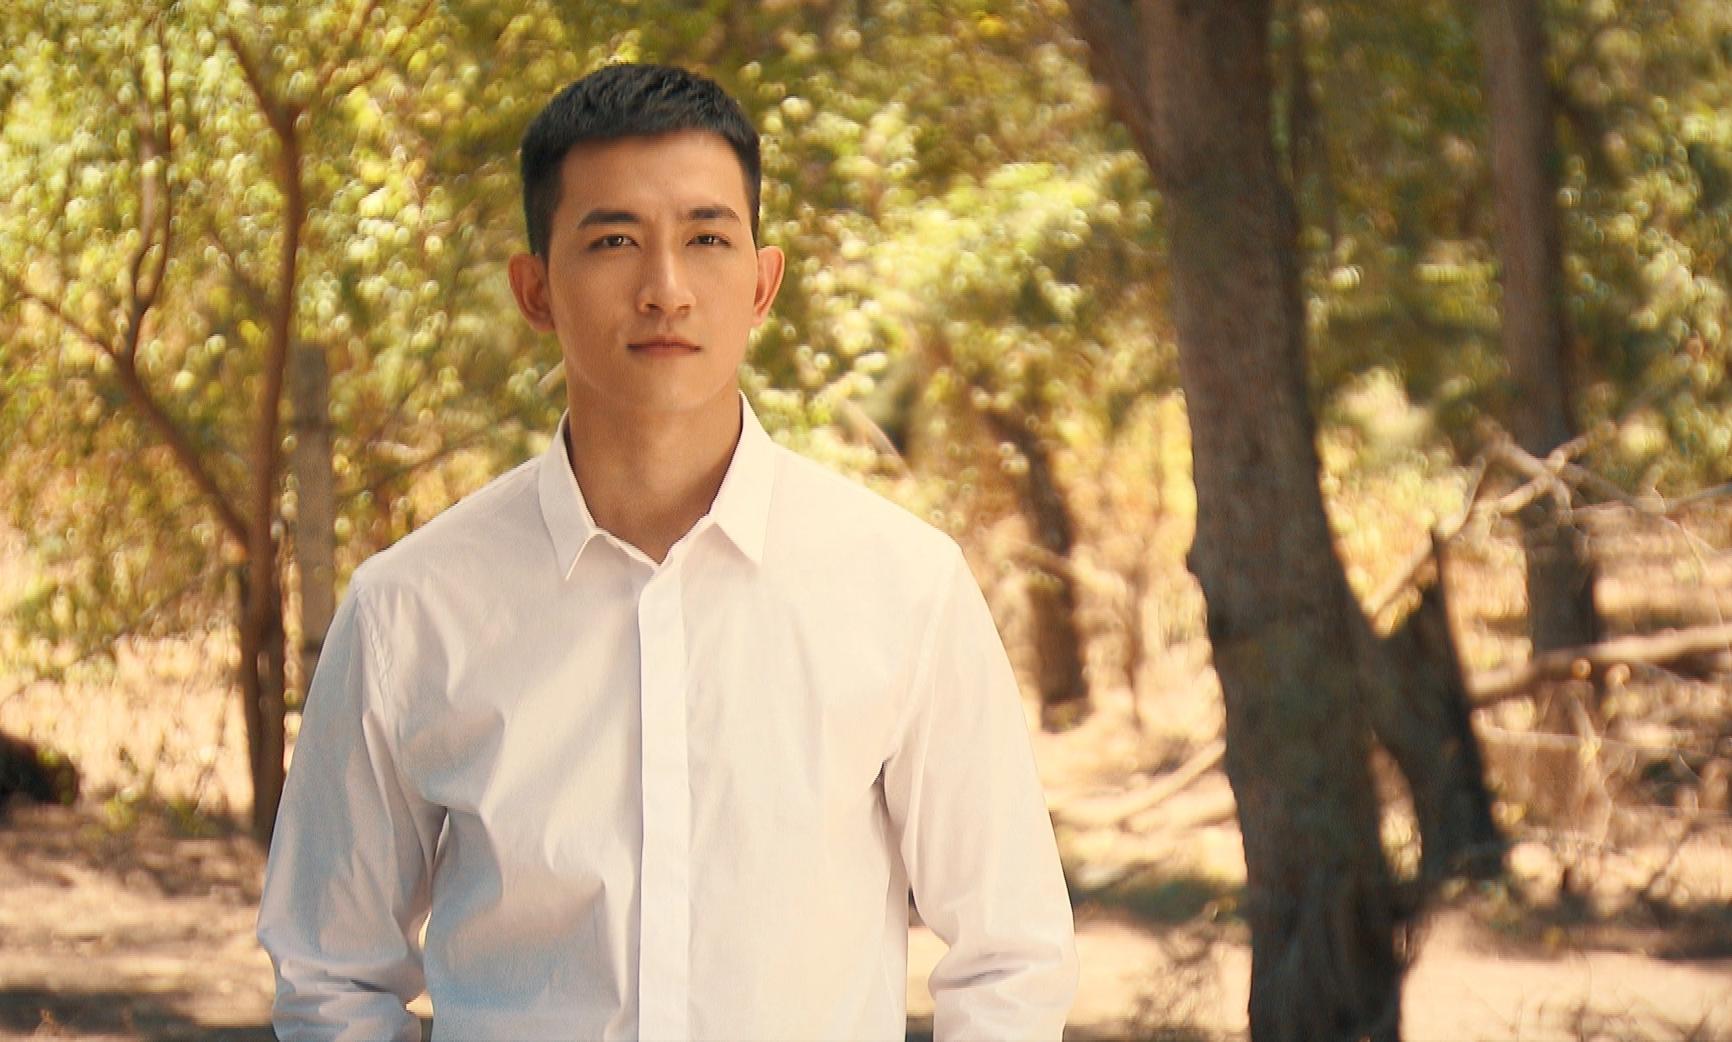 Dàn nam thần khiến hội chị em khao khát nhất màn ảnh Việt 2020: Có tổng tài, thầy giáo và cả... trai bao! - Ảnh 7.